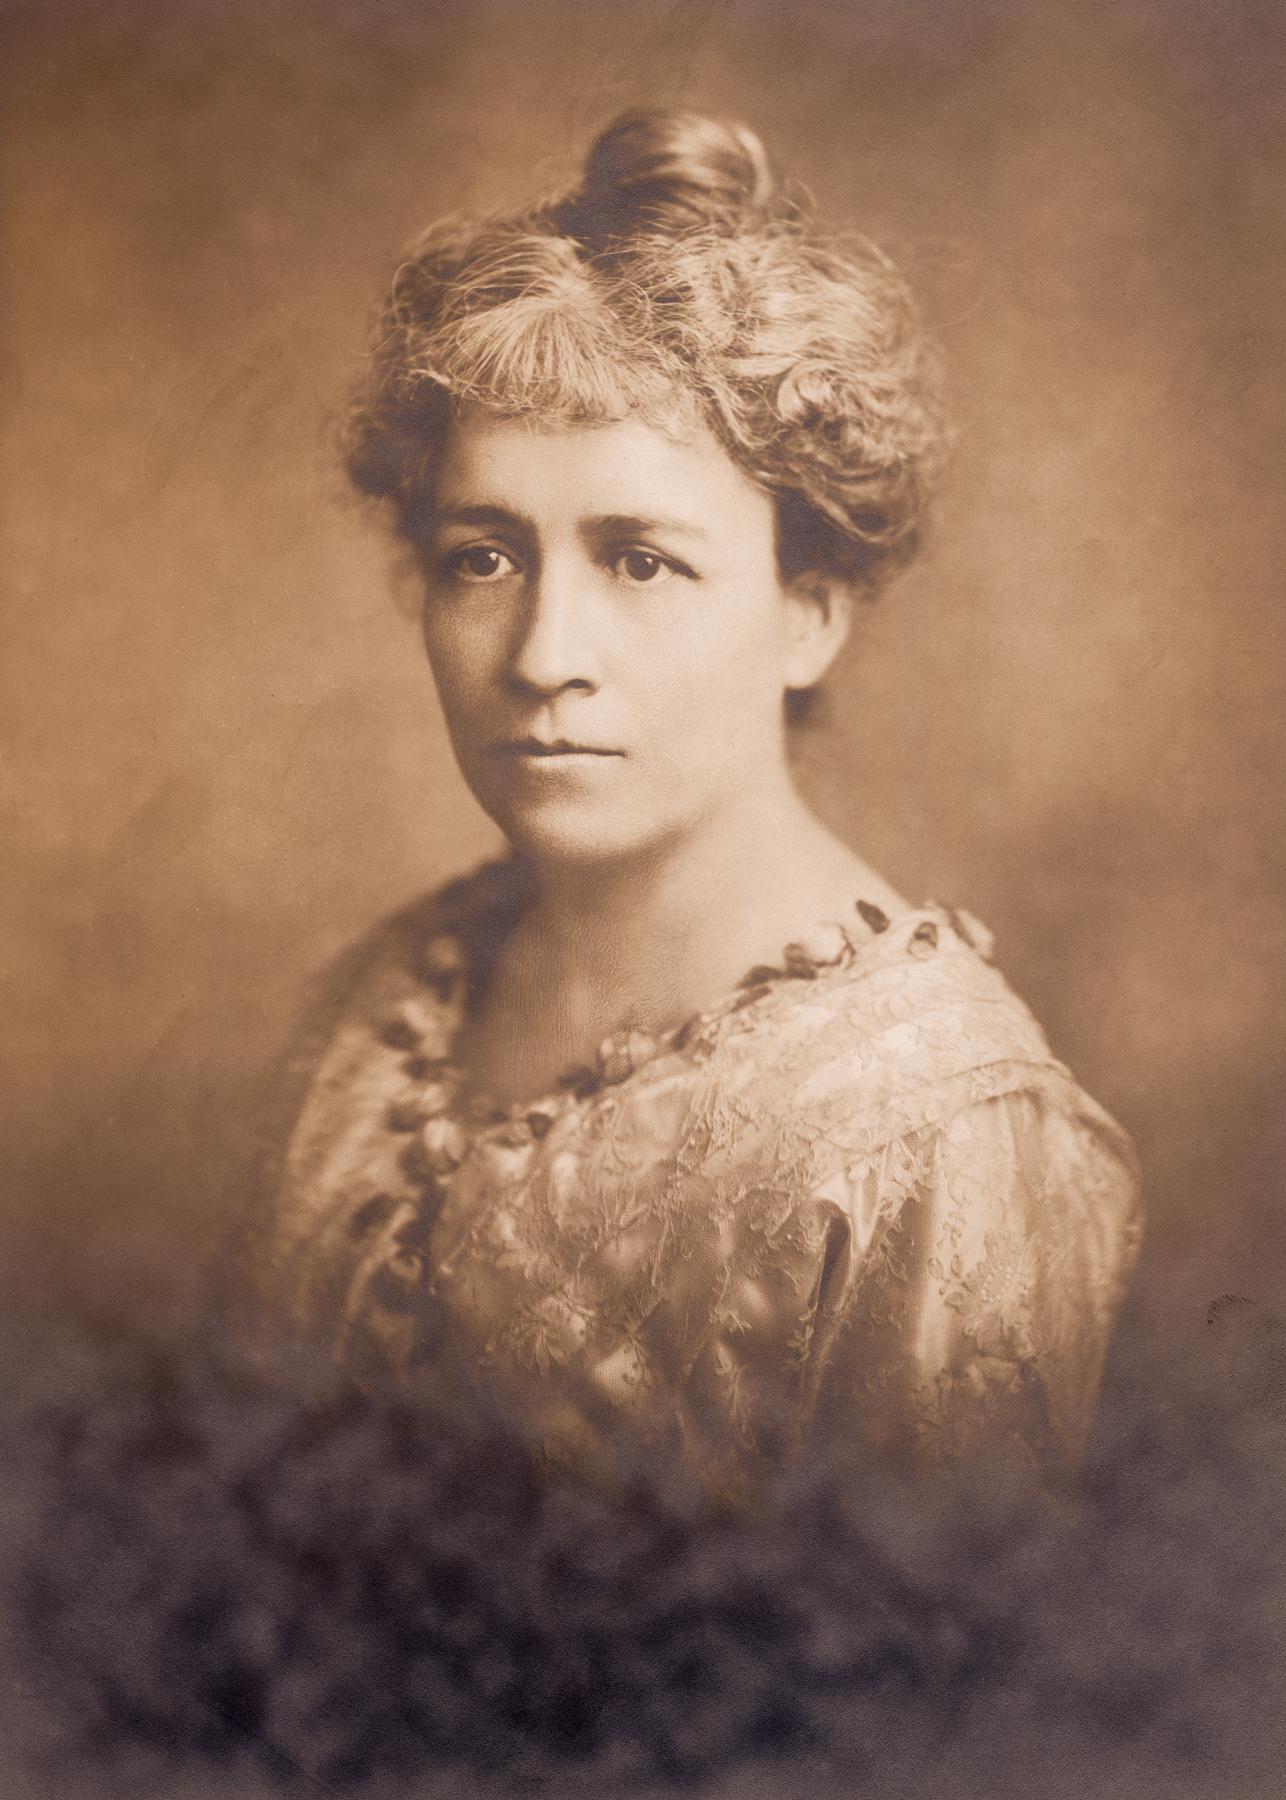 Vintage Sepia Portrait - Circa 1918, 1918, Photograph, Pose, Portraiture, HQ Photo